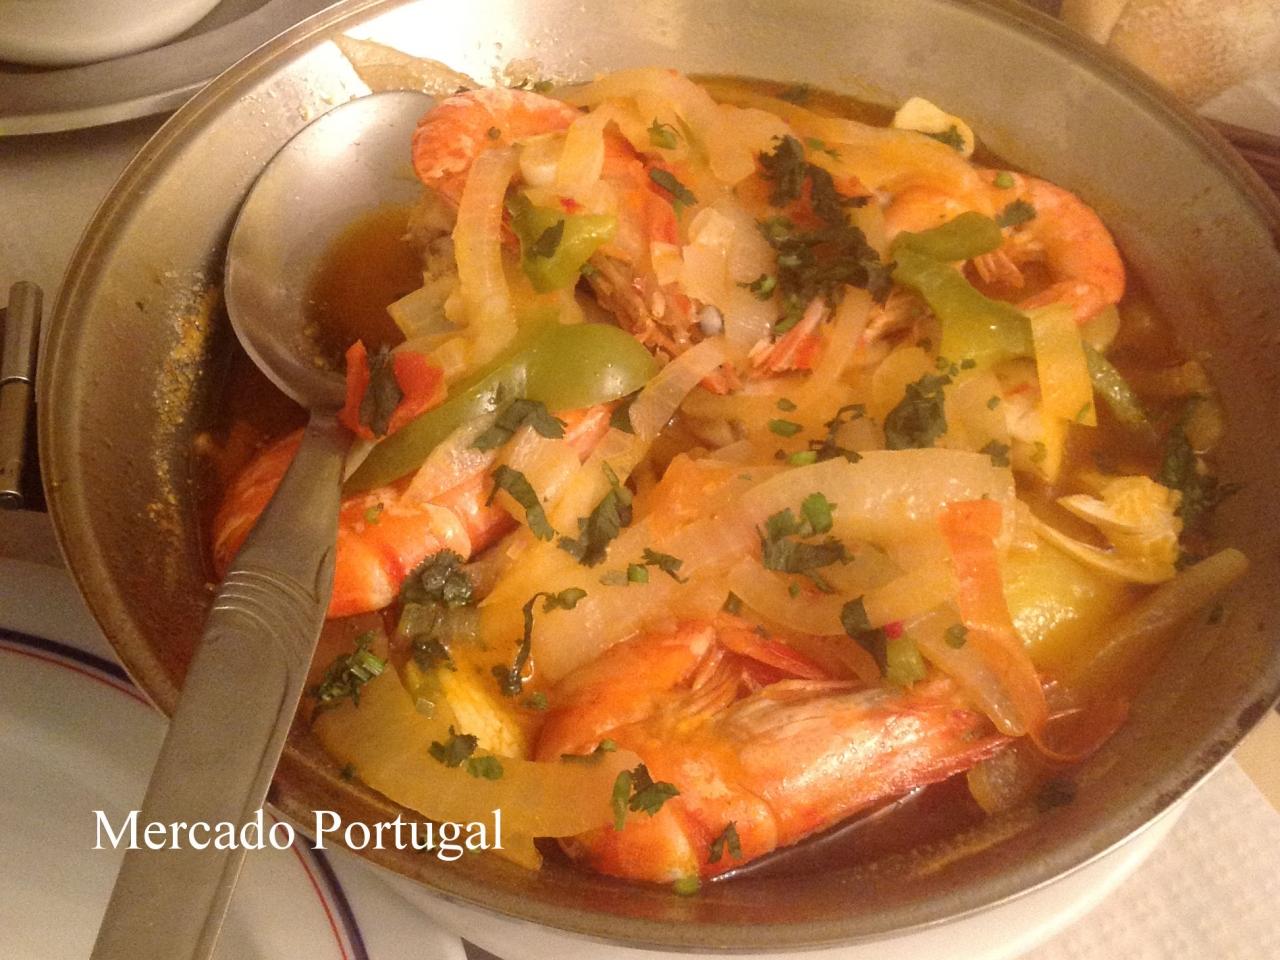 野菜と魚介の旨味がぎゅっと凝縮した定番の組み合わせ(リスボンのレストランにて)